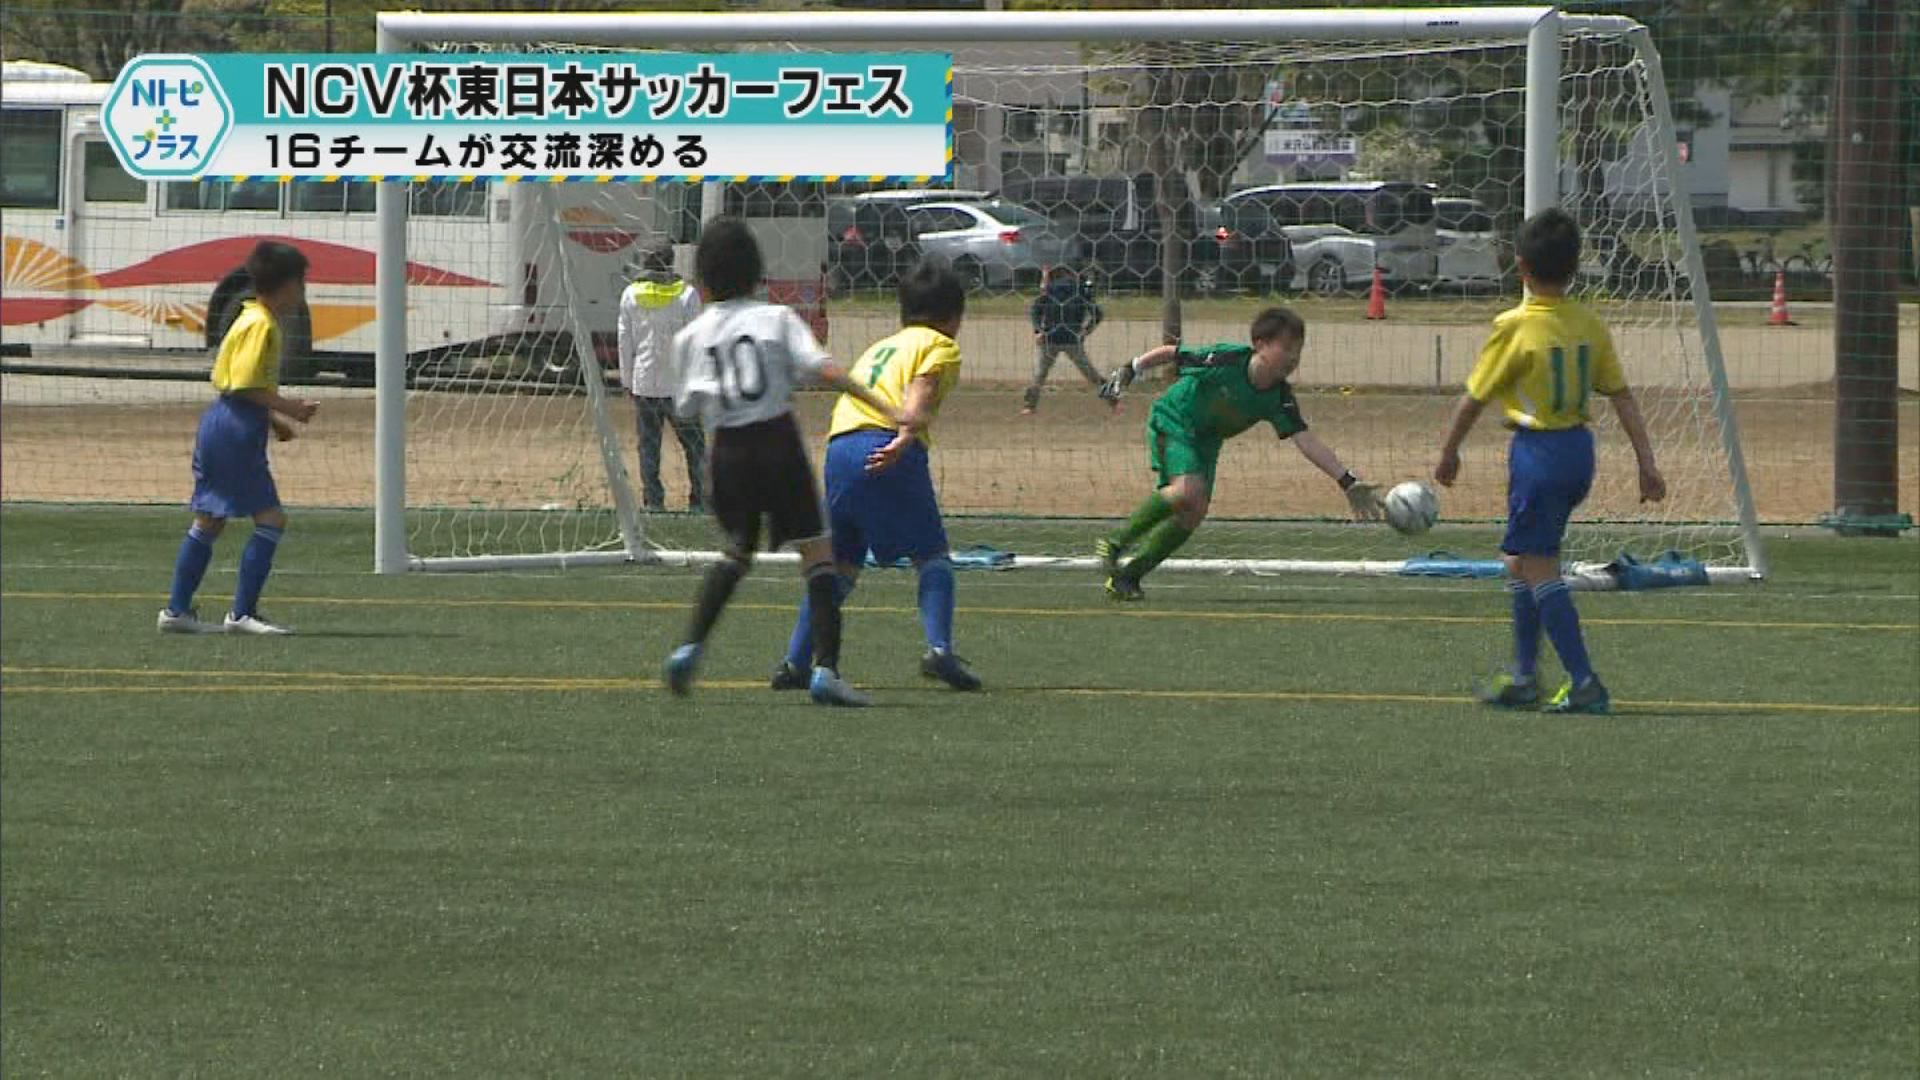 「NCV杯東日本サッカーフェスティバル」16チームが交流深める